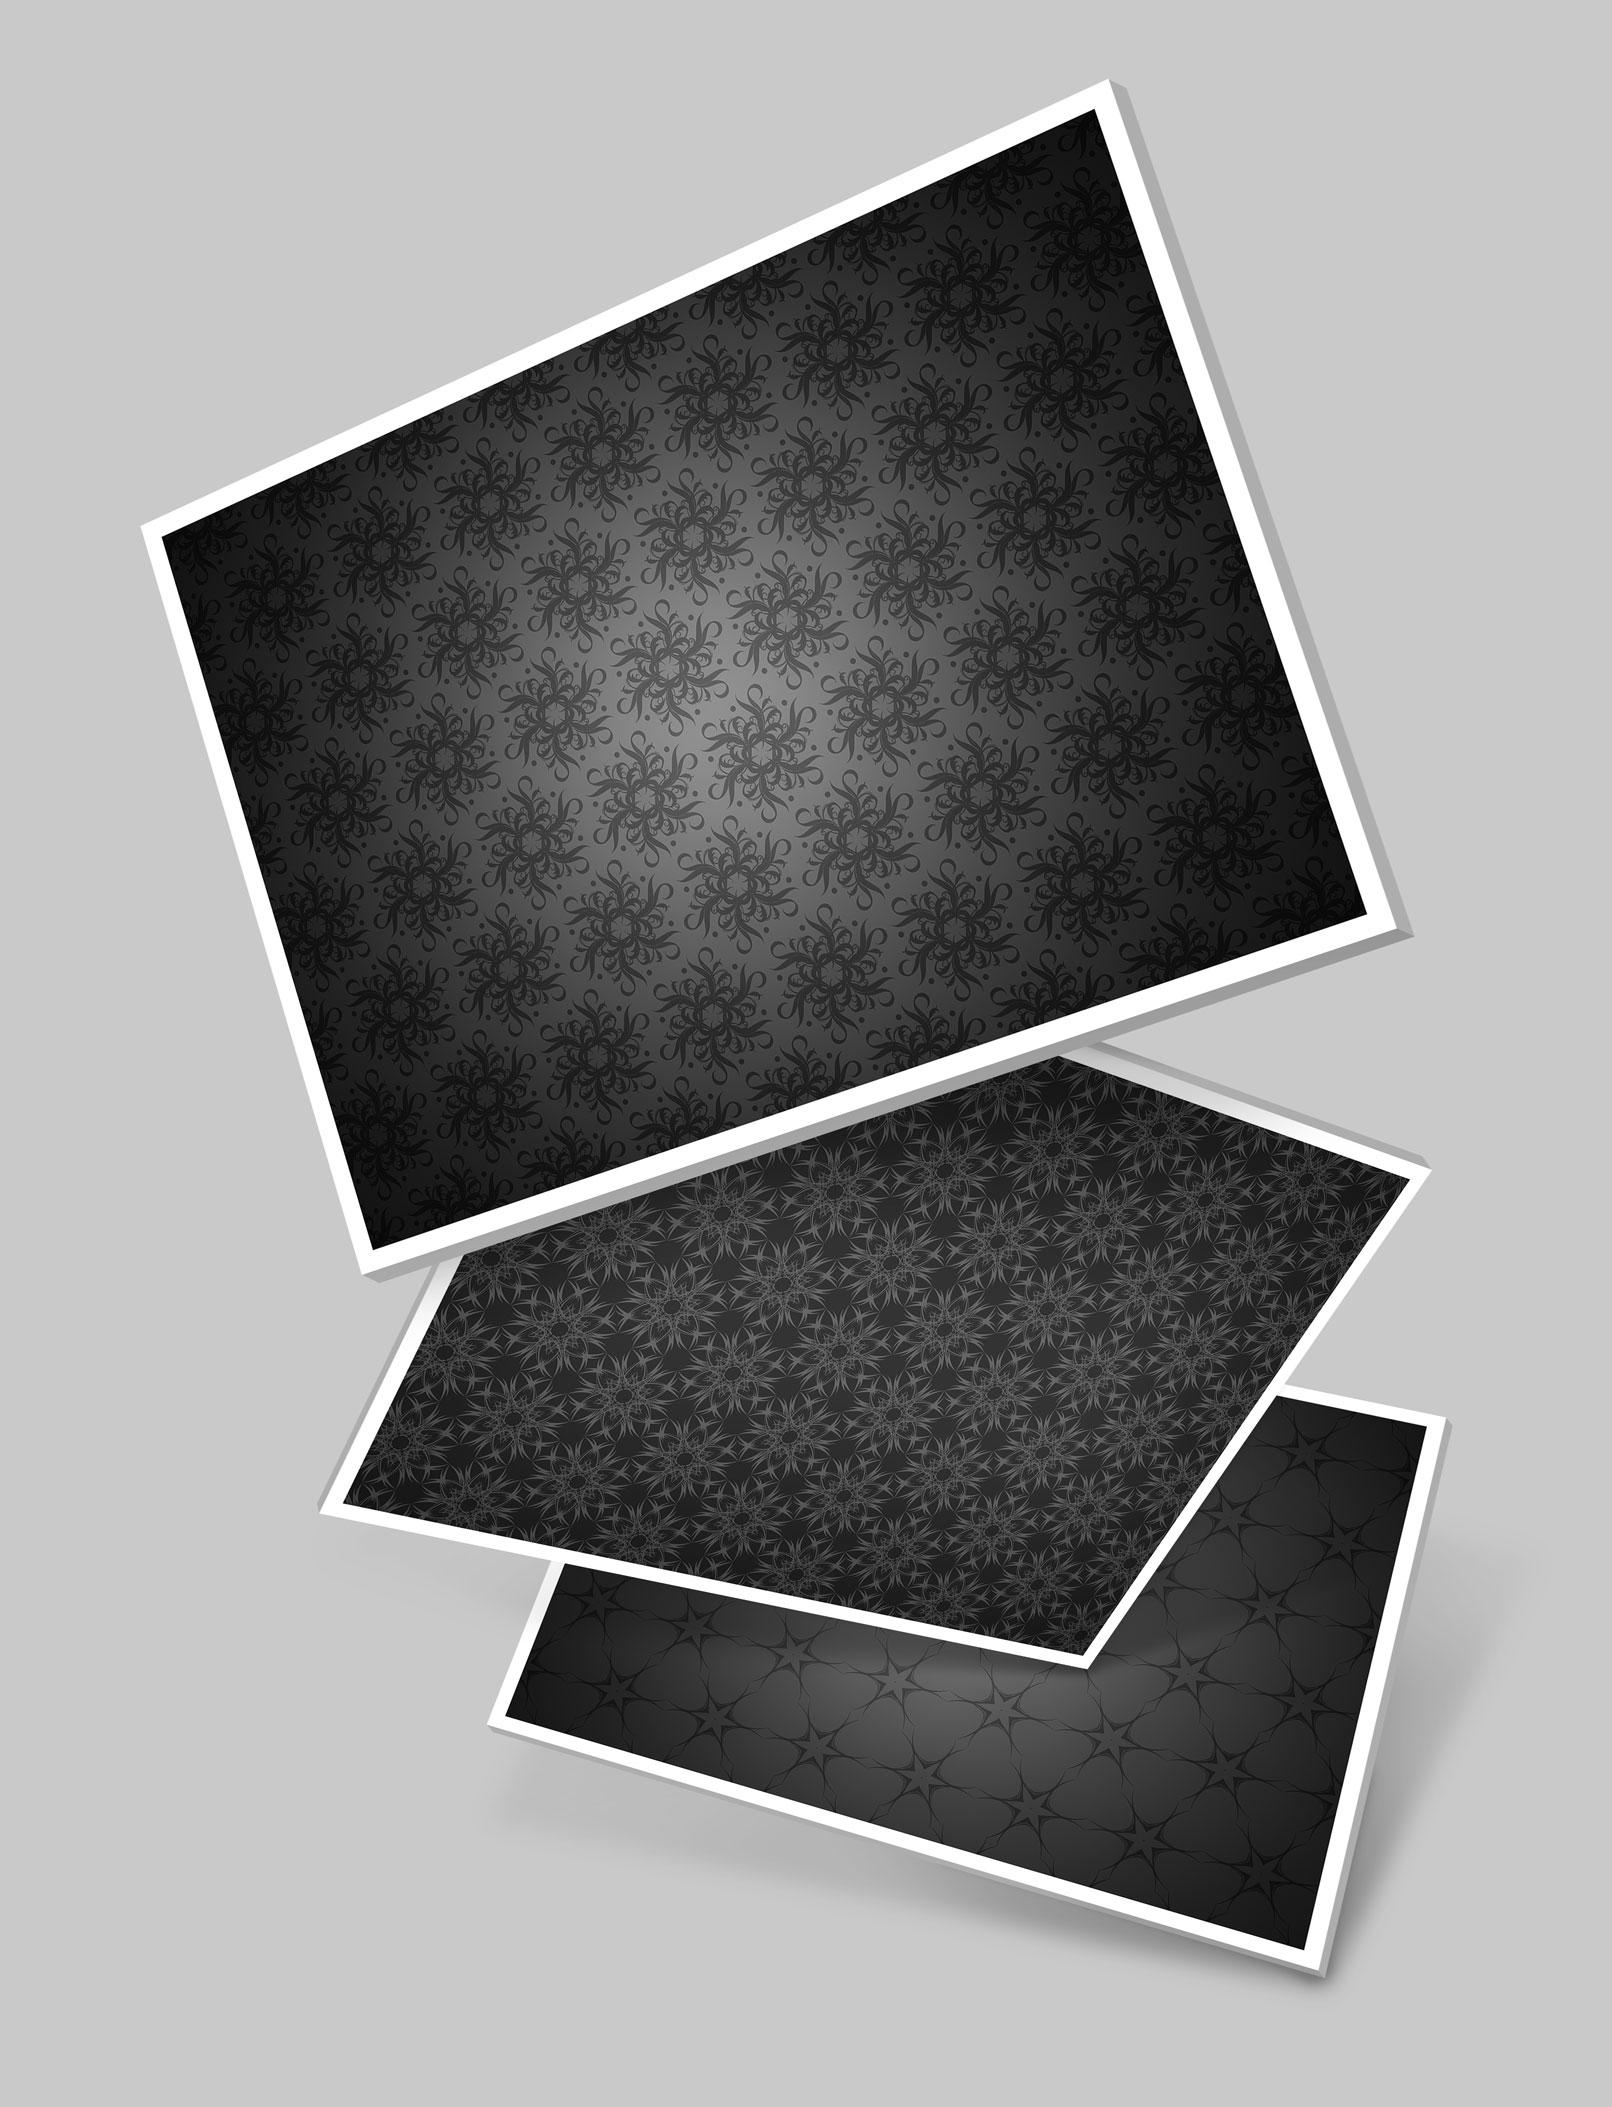 Schwarz-weiße Hintergründe mit Ornamenten